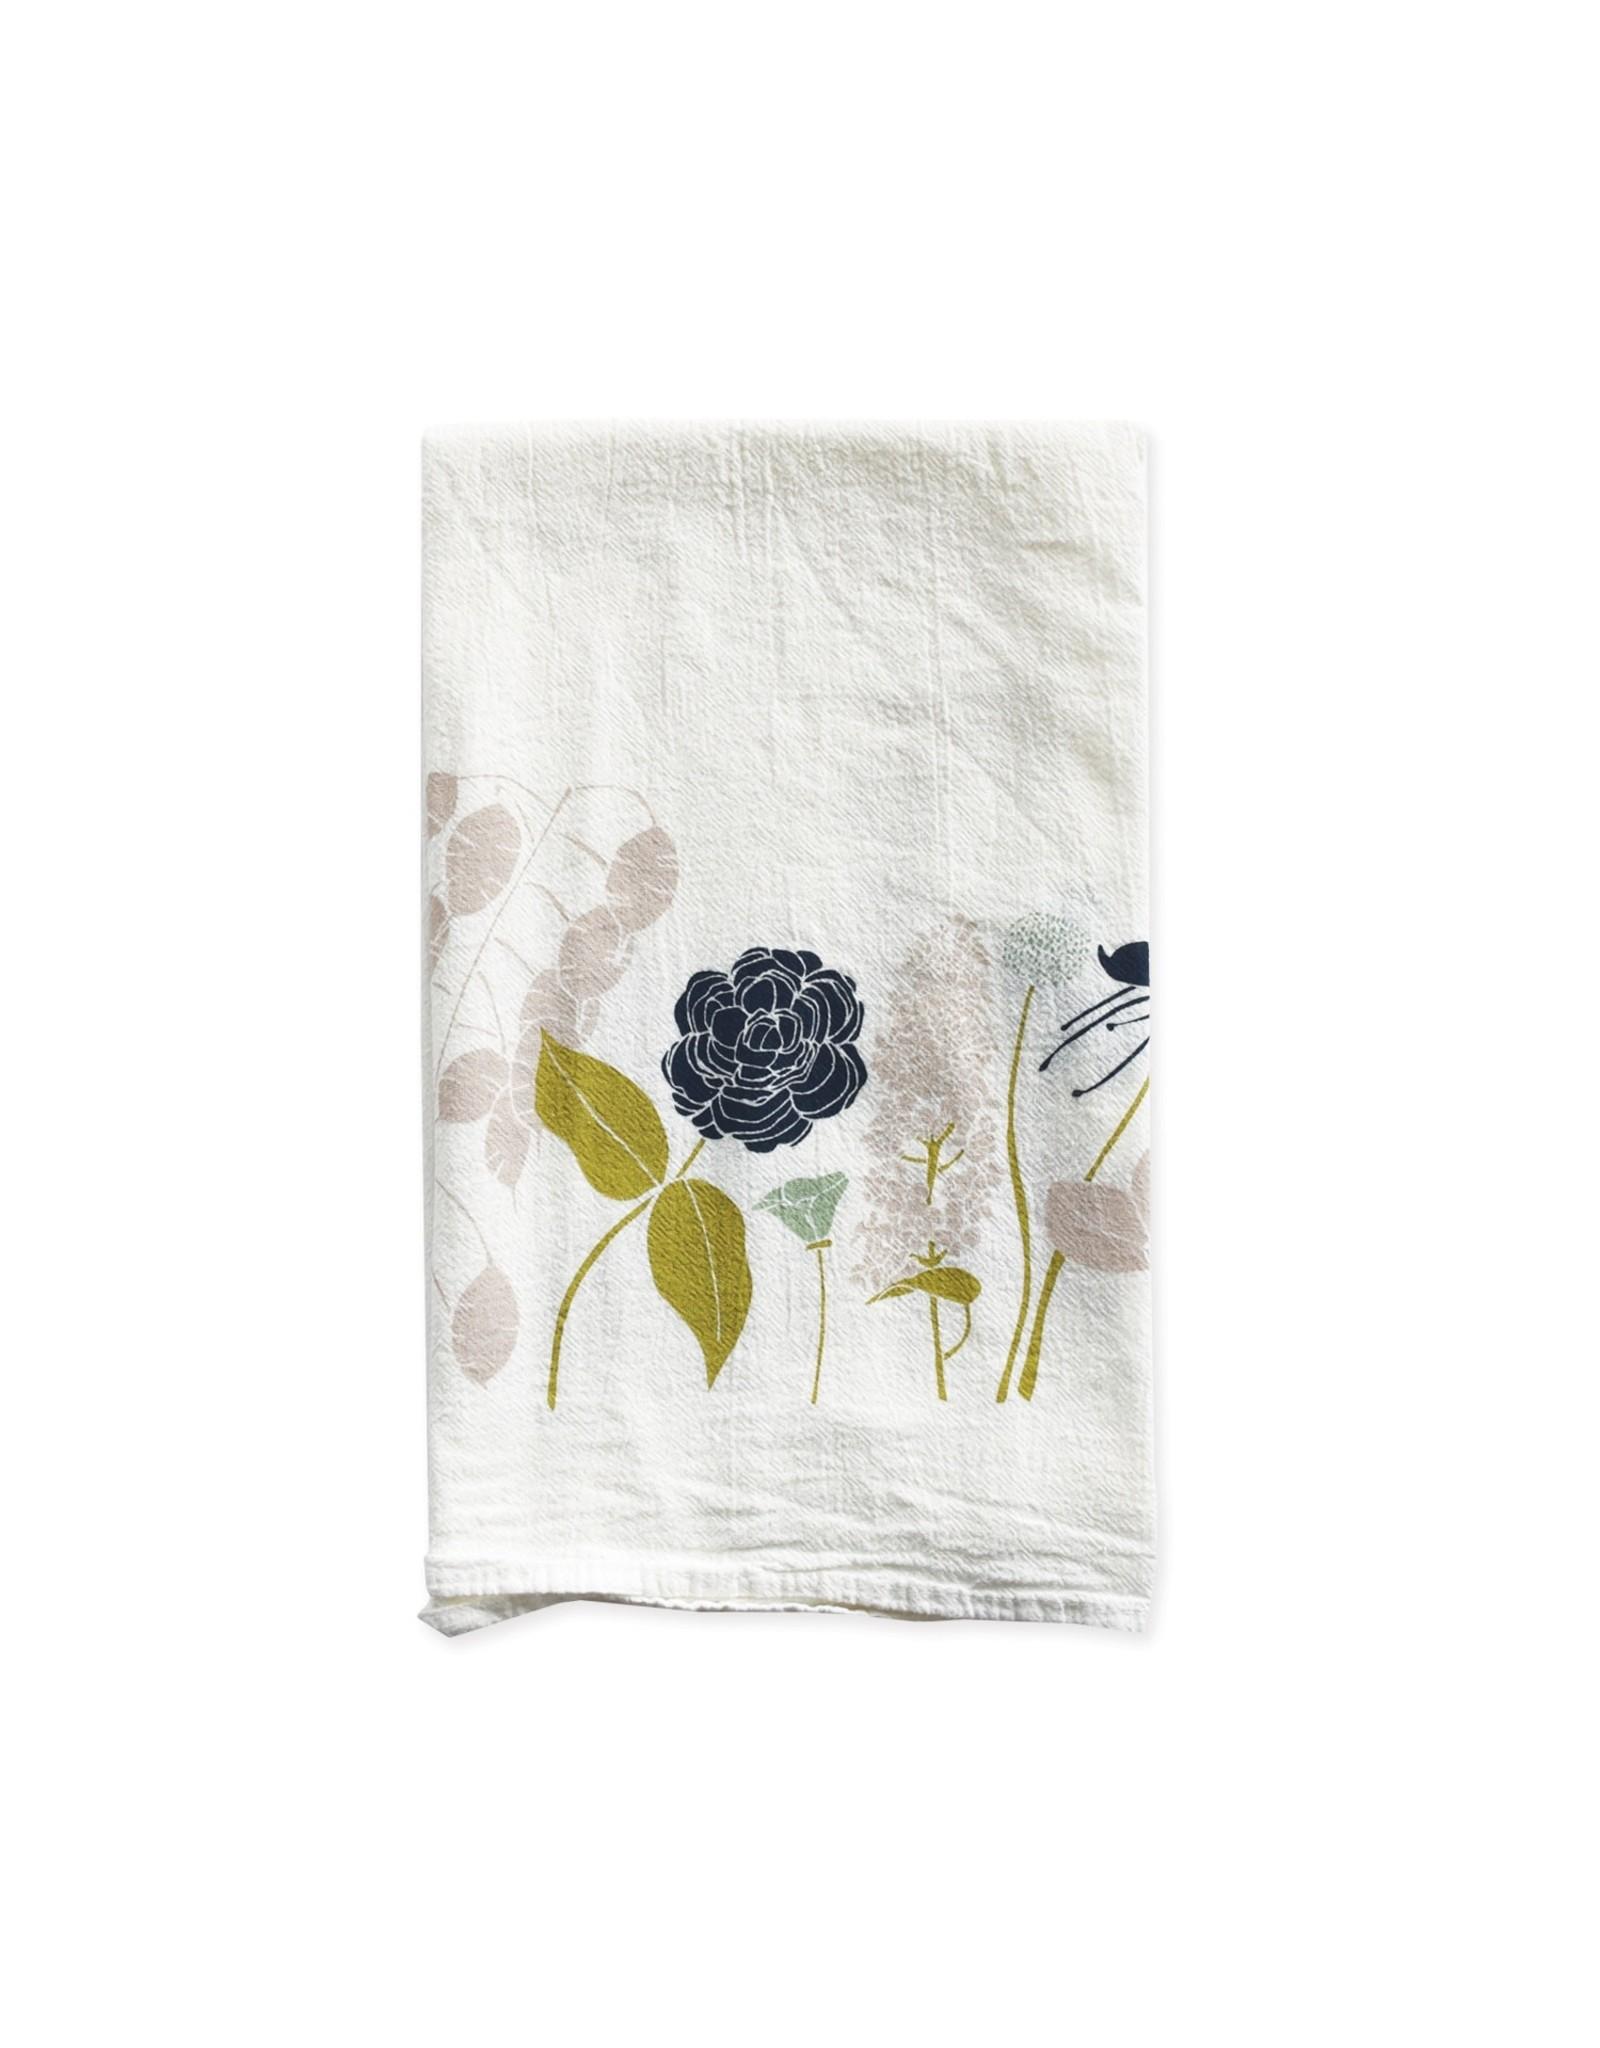 June & December Peace Towel - Flour Sack Tea Towel